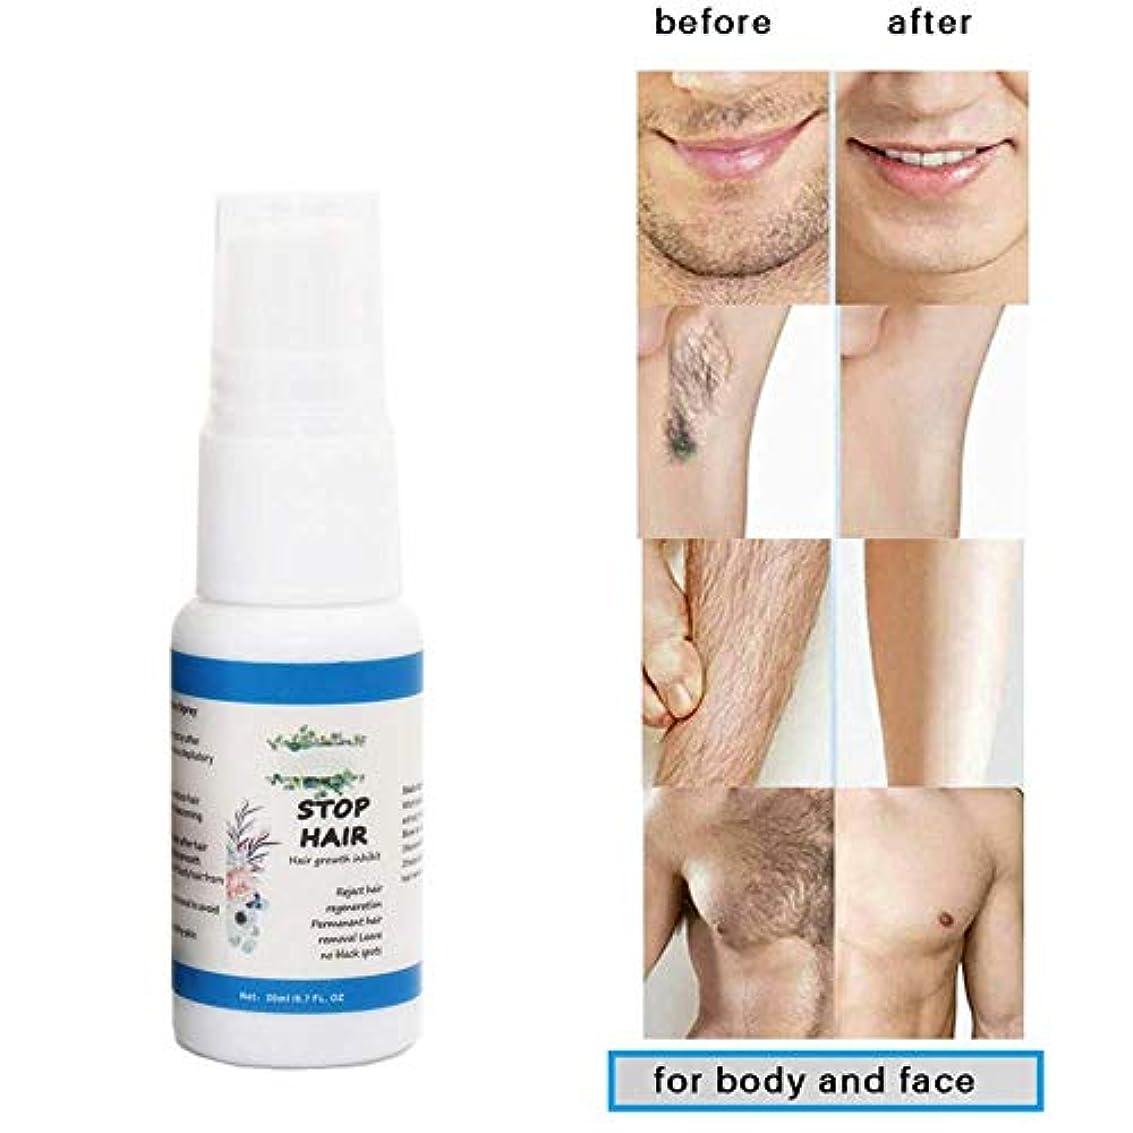 概要広くハンディキャップ脱毛スプレー阻害剤発毛血清発毛除去を防ぎます修理脱毛剤製品ナチュラル非刺激栄養毛穴シュリンク20ml